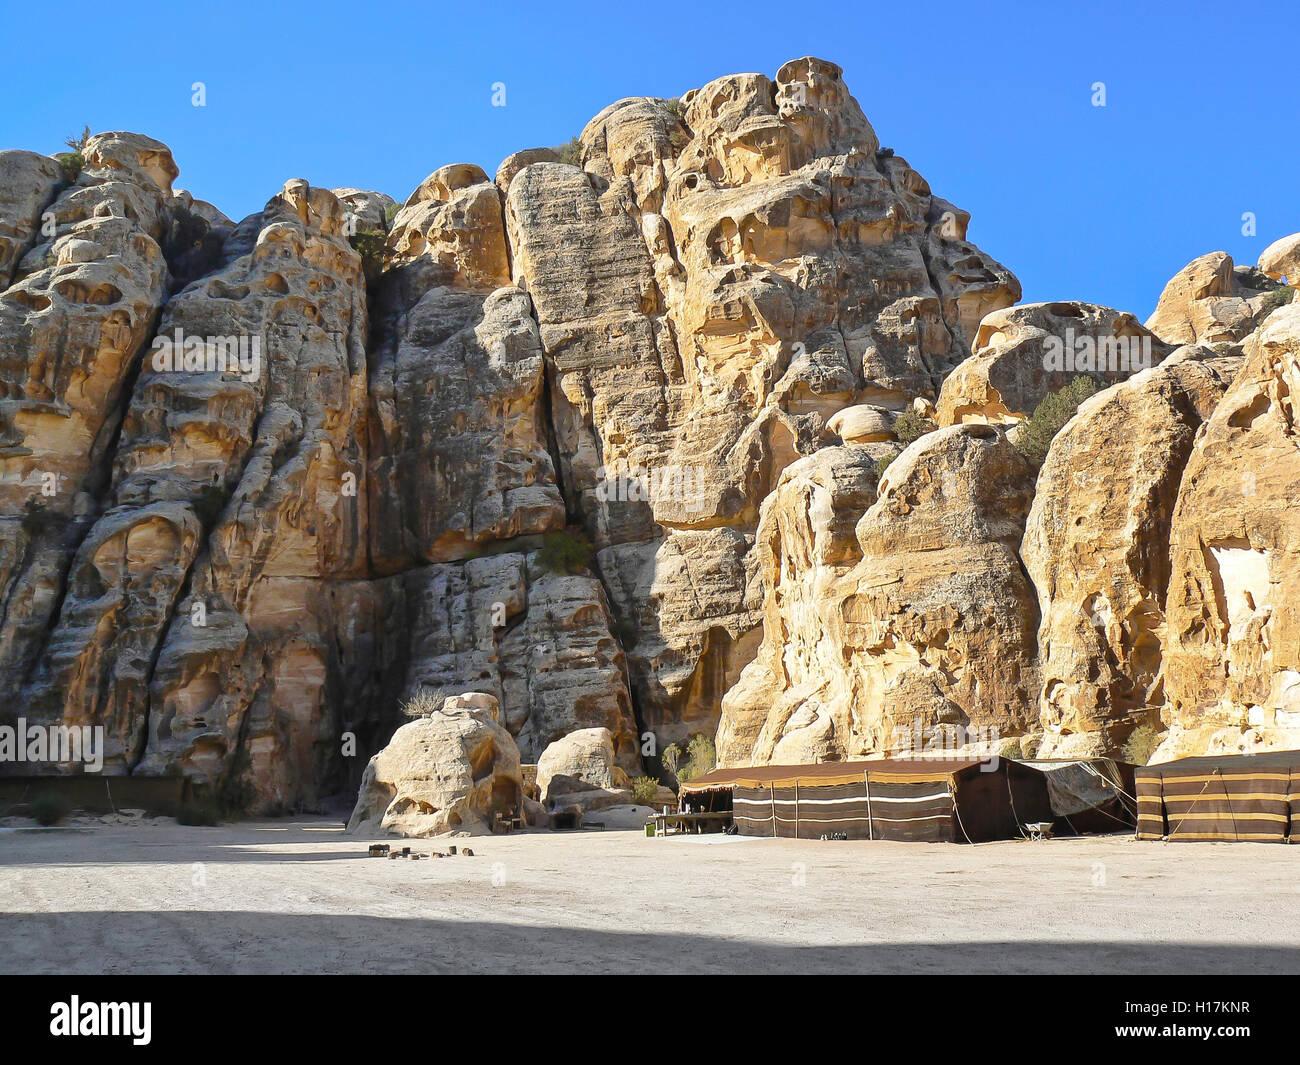 Bedouin camp for tourists, Mountains of Petra, Jordan - Stock Image